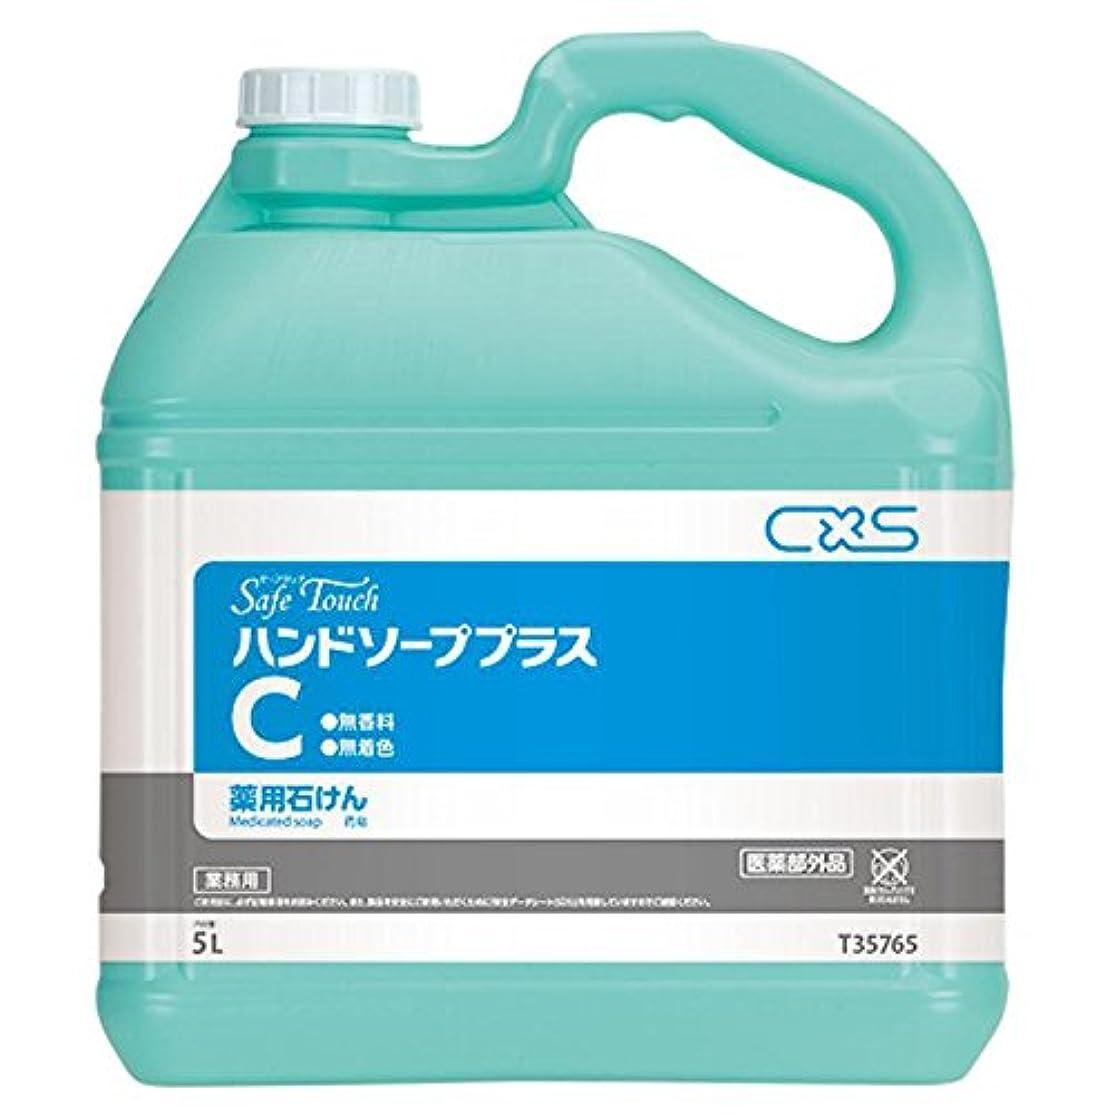 視聴者良さ皮肉シーバイエス(C×S) 手洗い用石鹸 セーフタッチハンドソーププラスC 5L